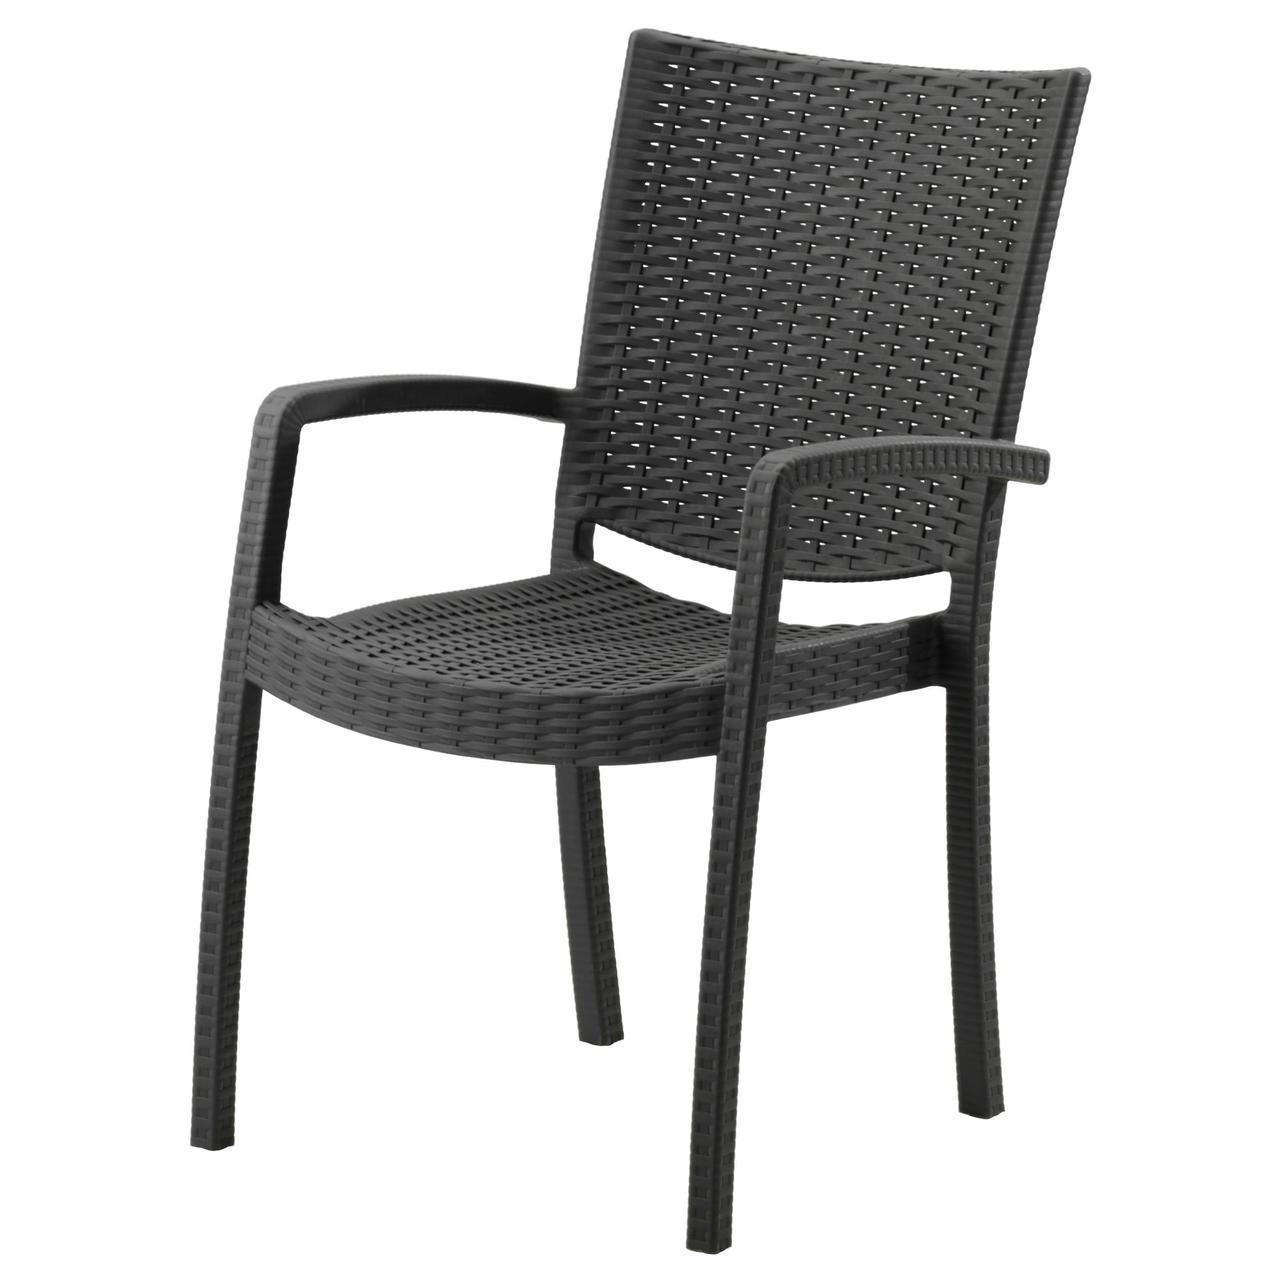 IKEA INNAMO Садовый стул с подлокотниками, темно-серый  (103.124.21)